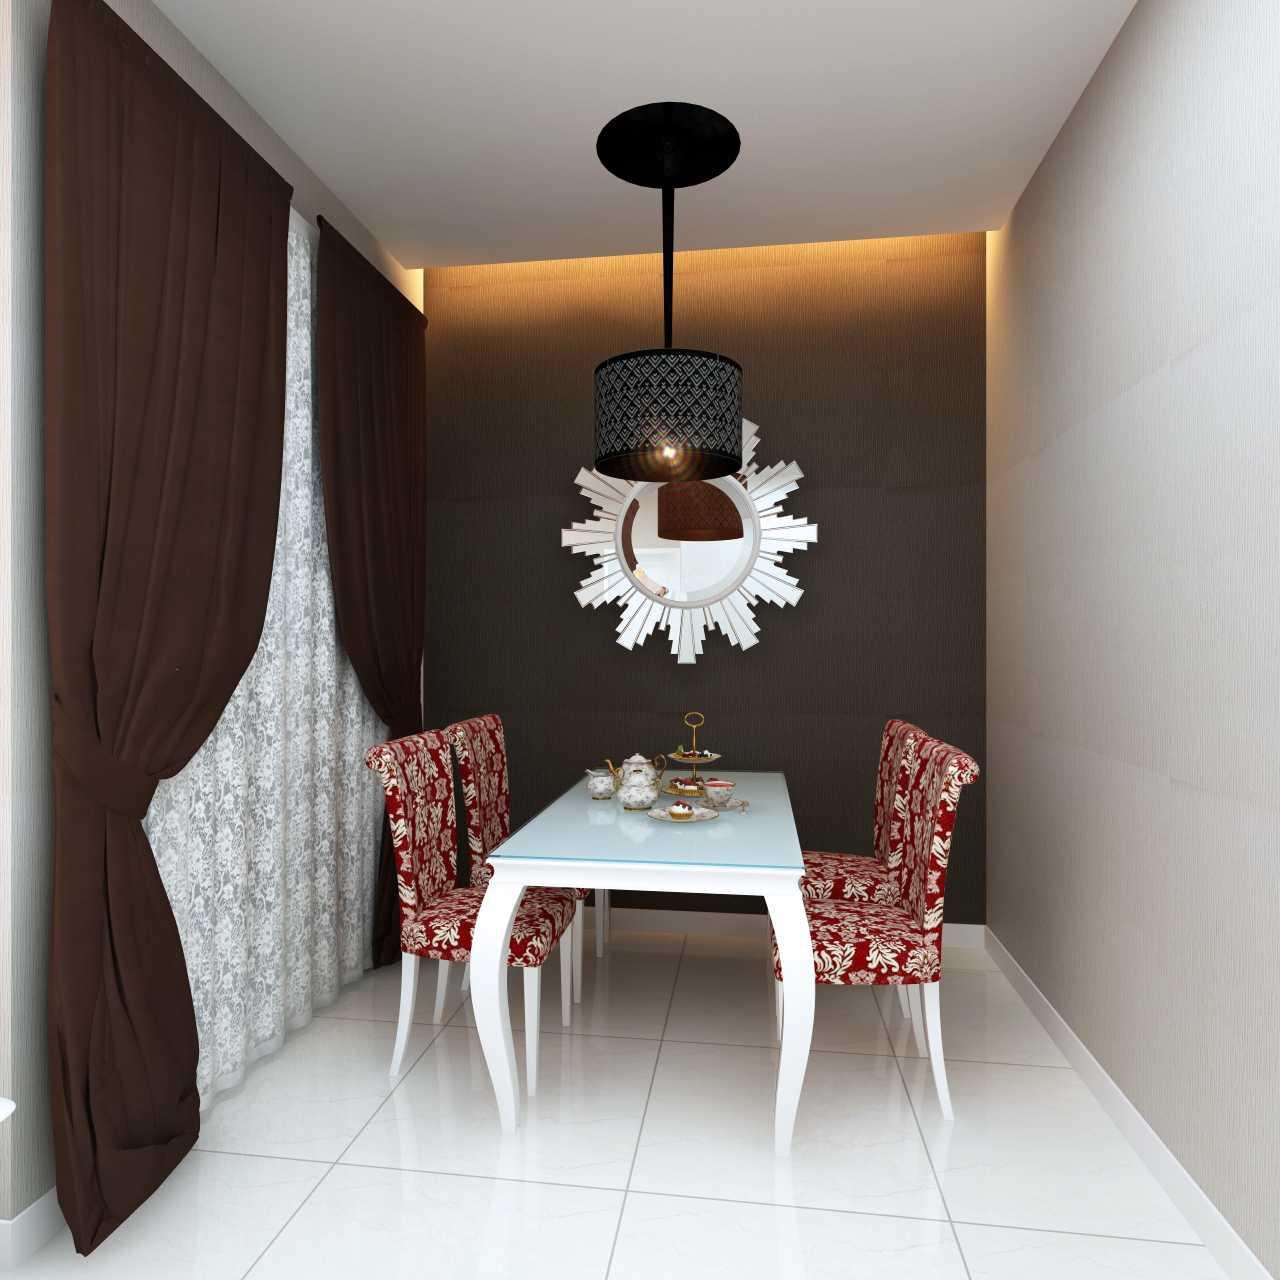 Meili Darmasetiawan Lotus Residence  Grand Galaxy City Bekasi Grand Galaxy City Bekasi 3D-Ruang-Makan Modern 14091